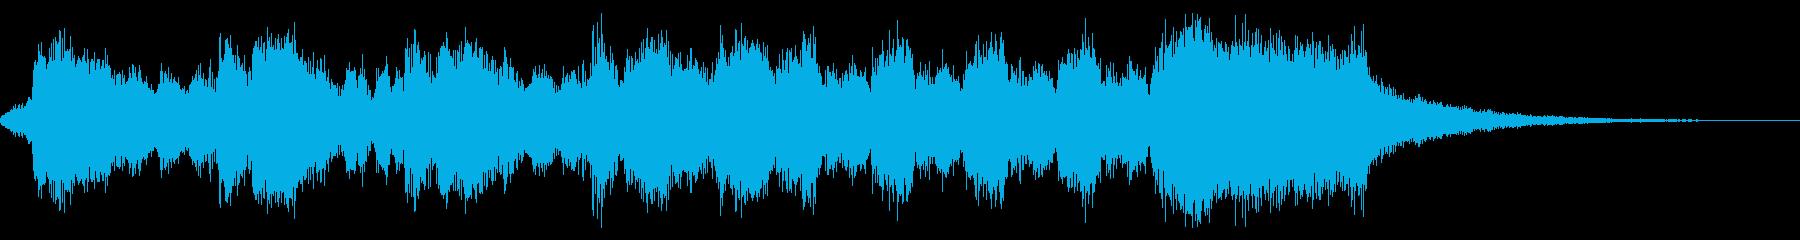 豪華なファンファーレ・結果発表前・欧風の再生済みの波形